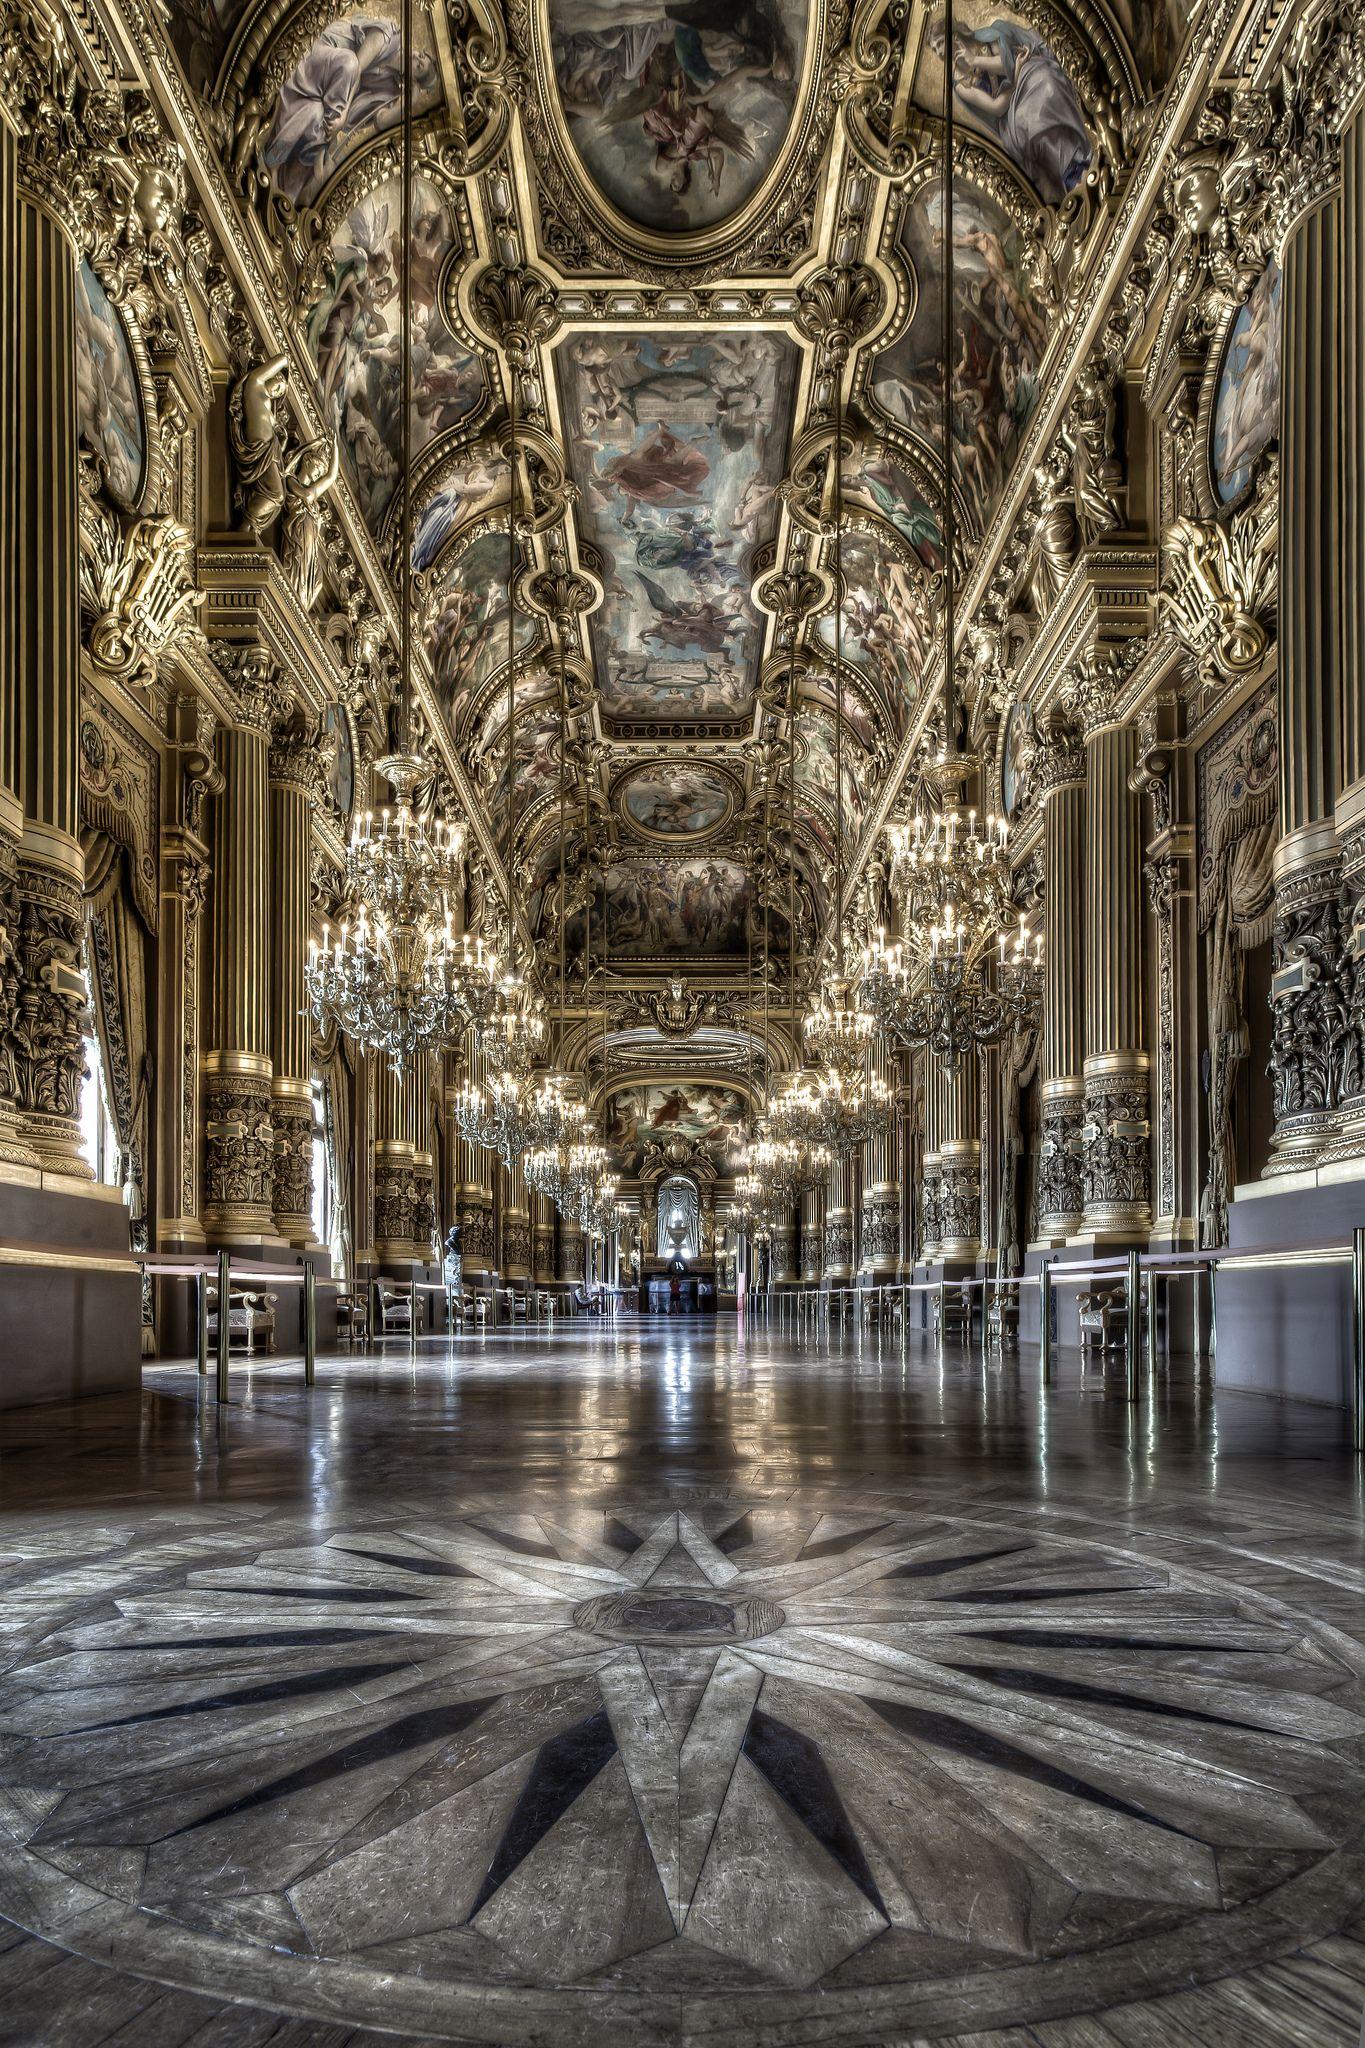 Superficie Grand Foyer Opera Garnier : Le palais garnier paris opera house grand foyer